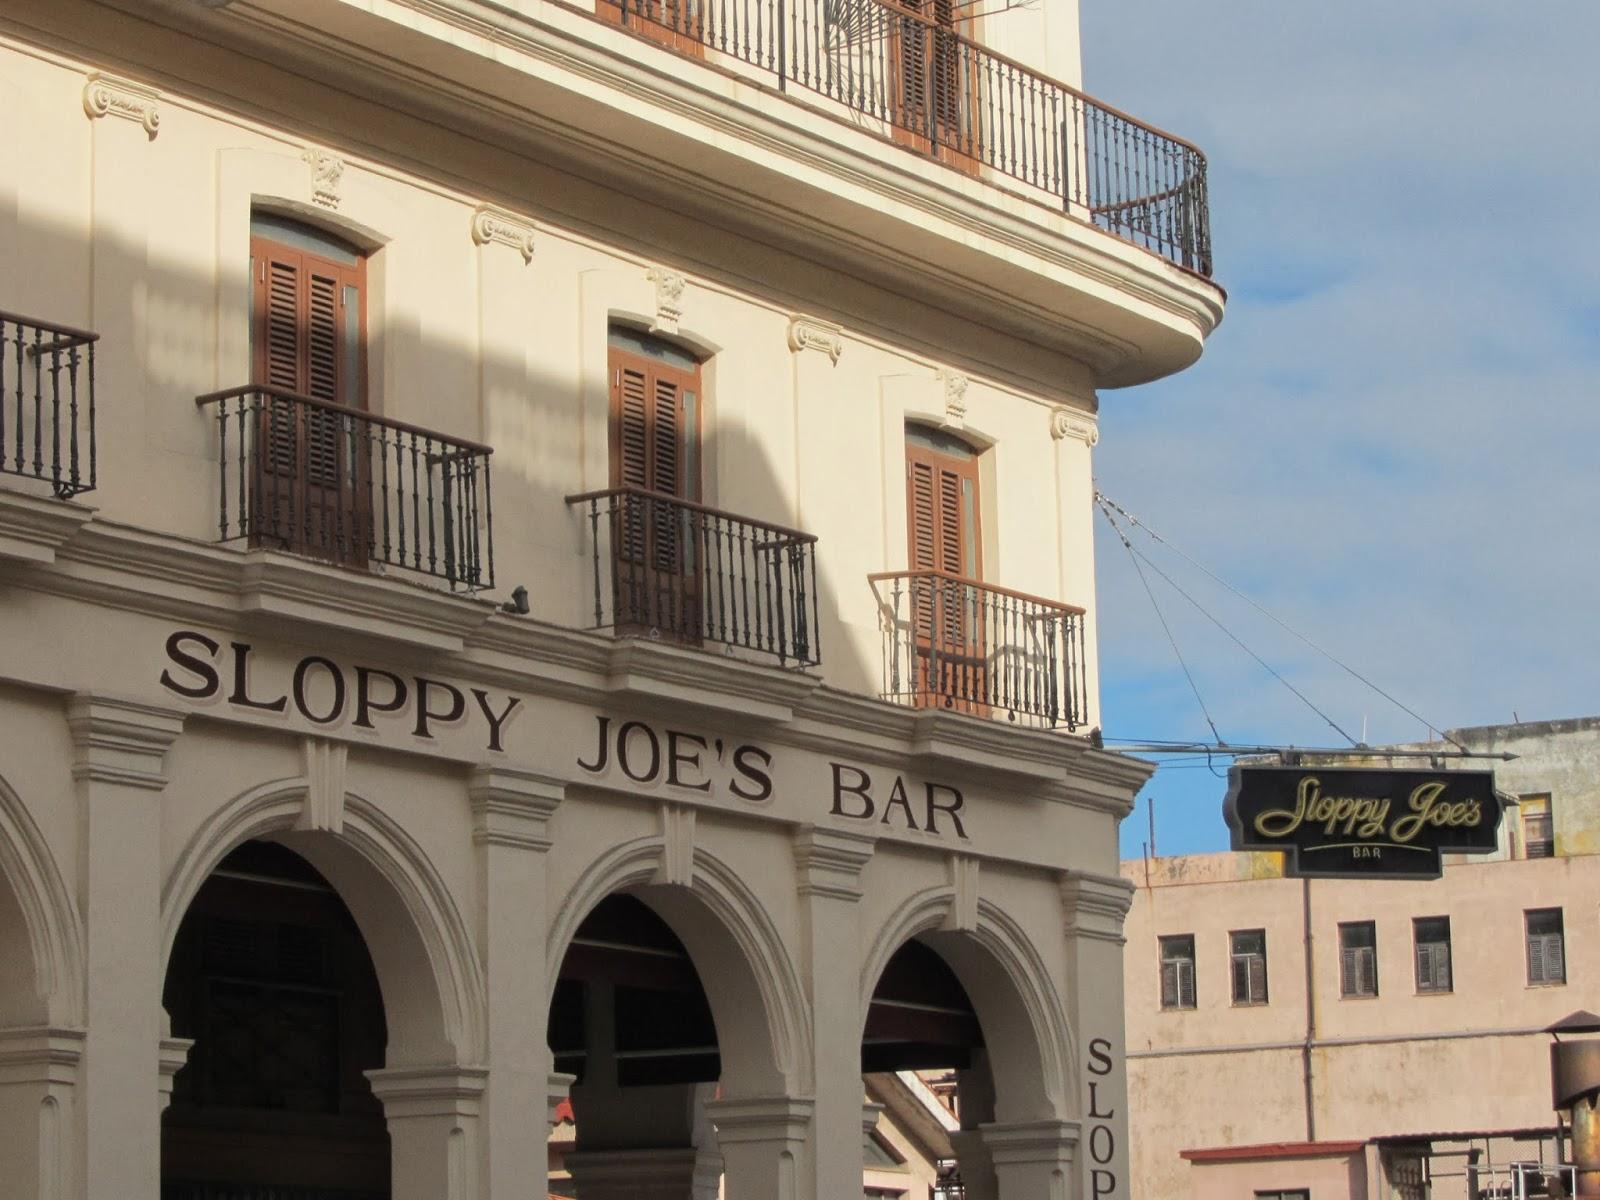 http://www.sloppyjoes.org/index.htm